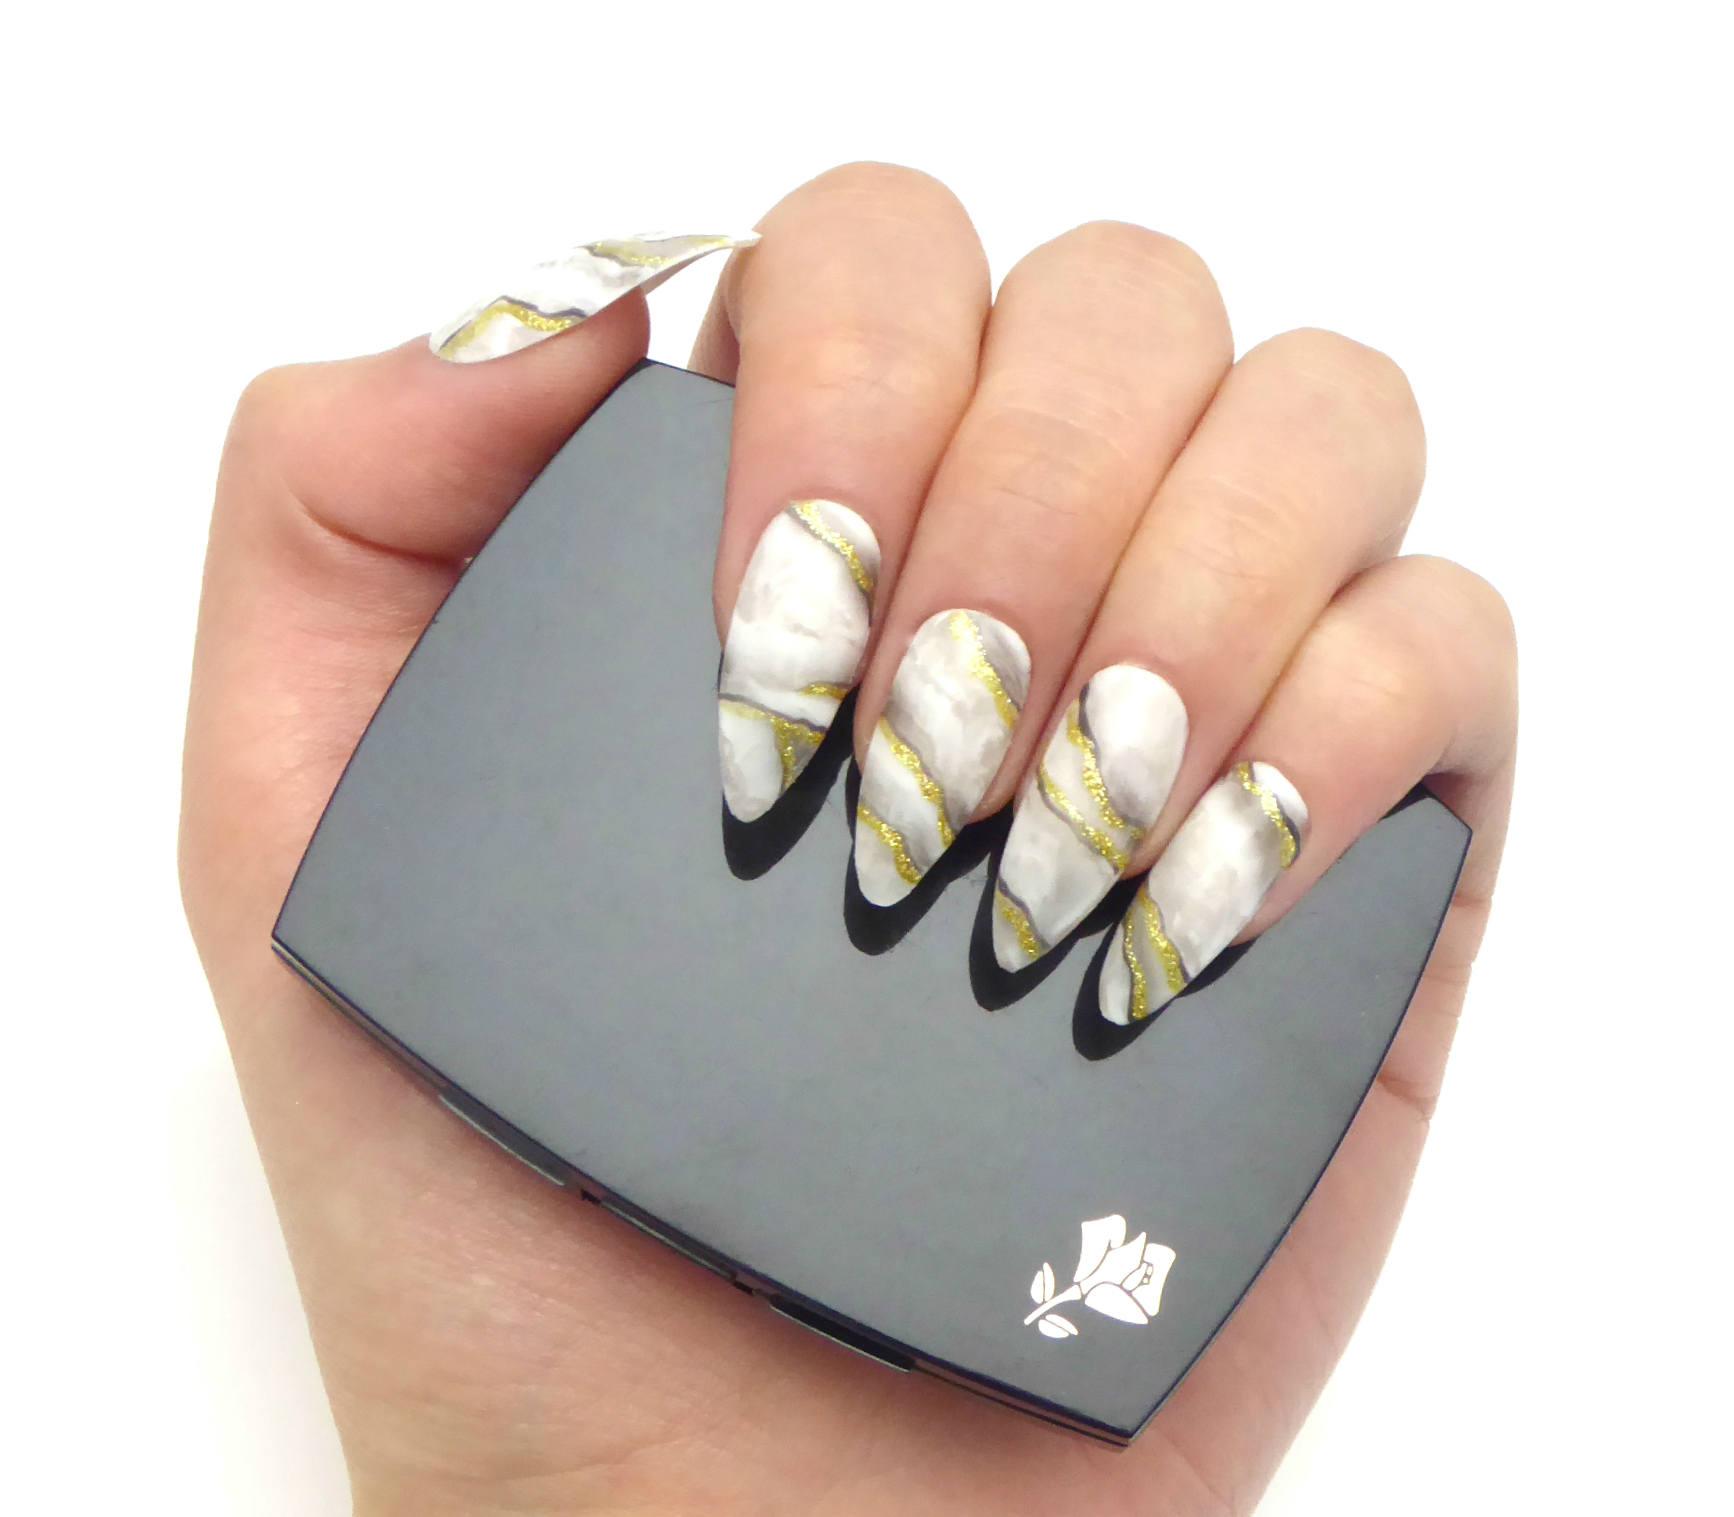 Marmor-Nägel / künstliche Nägel drücken Sie auf falsche